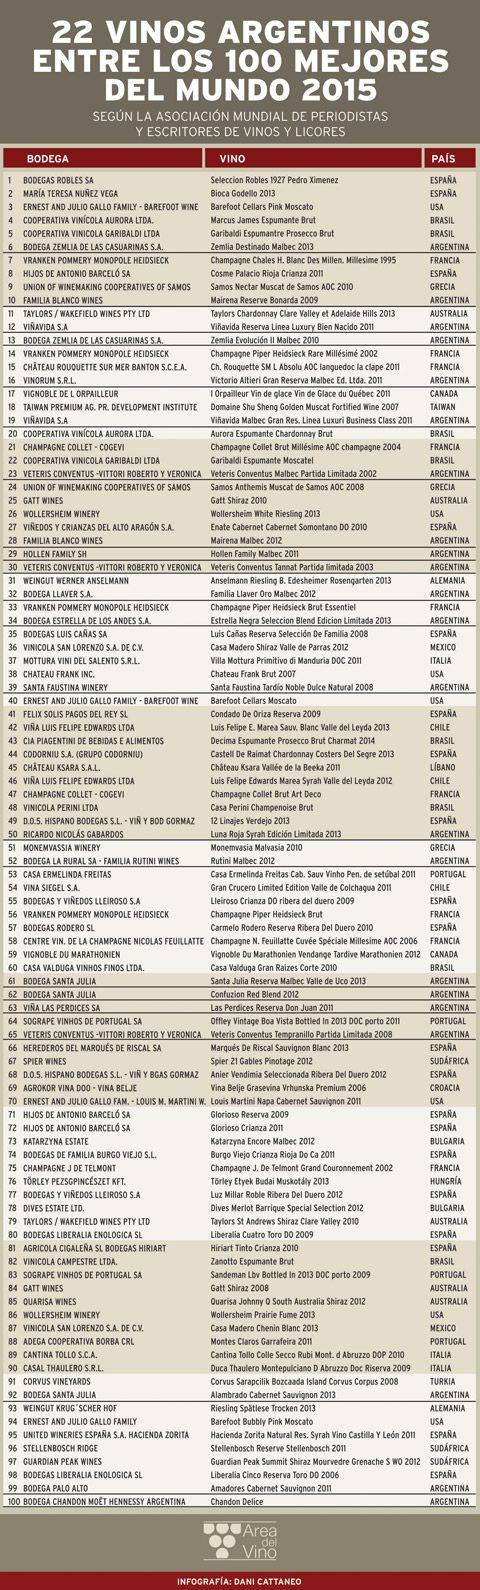 Cada año, desde 1996, la Asociación Mundial realiza un ranking de las mejores bodegas del mundo en base a los premios obtenidos en concursos de vinos de todo el mundo.